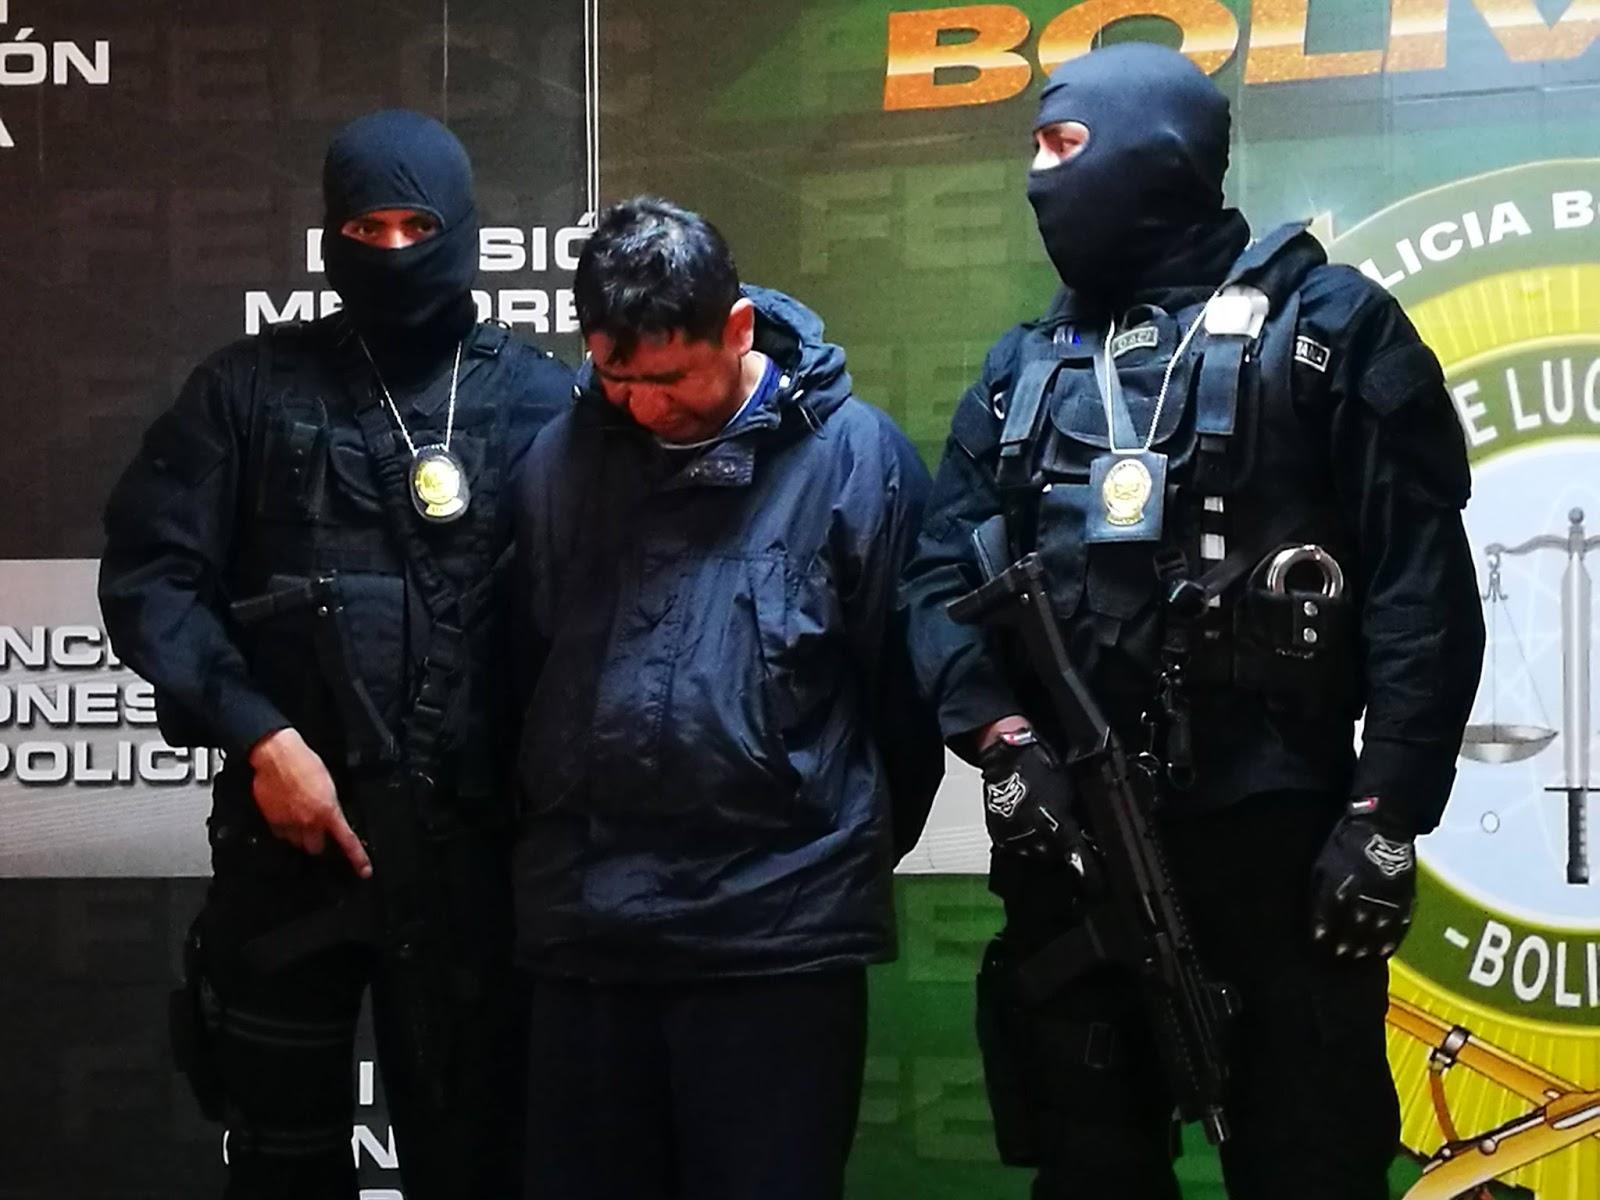 Militar fue encontrado con equipos y celulares con material pornográfico